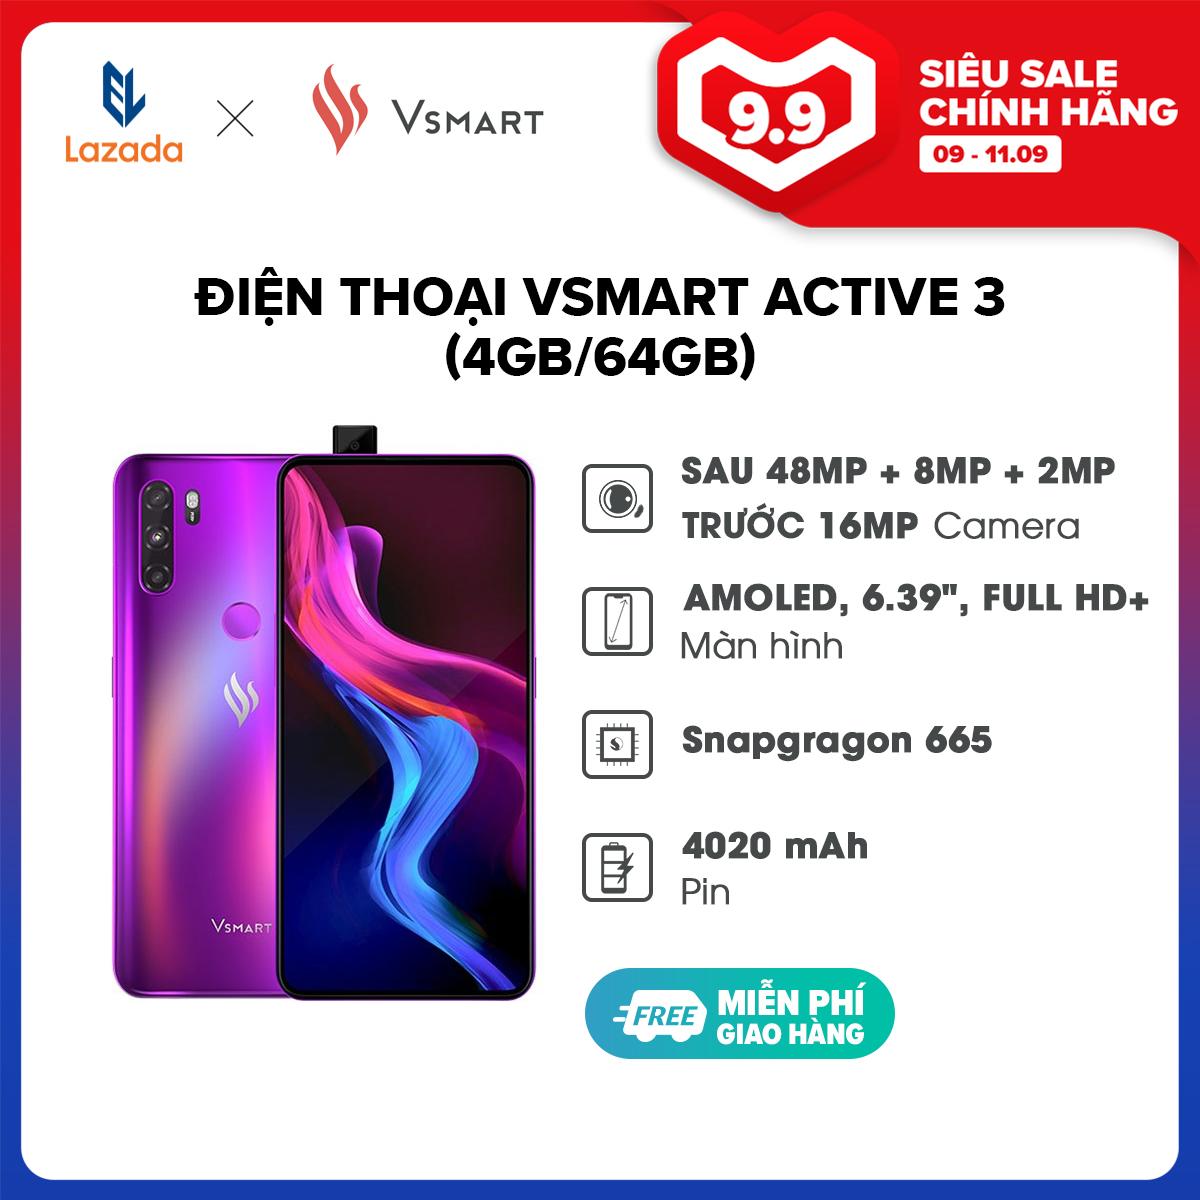 Điện Thoại Vsmart Active 3 (4GB/64GB) 2 sims, Thẻ nhớ ngoài MicroSD, hỗ trợ tối đa 256 GB , chip MediaTek Helio P60 8 nhân- Hàng Chính Hãng